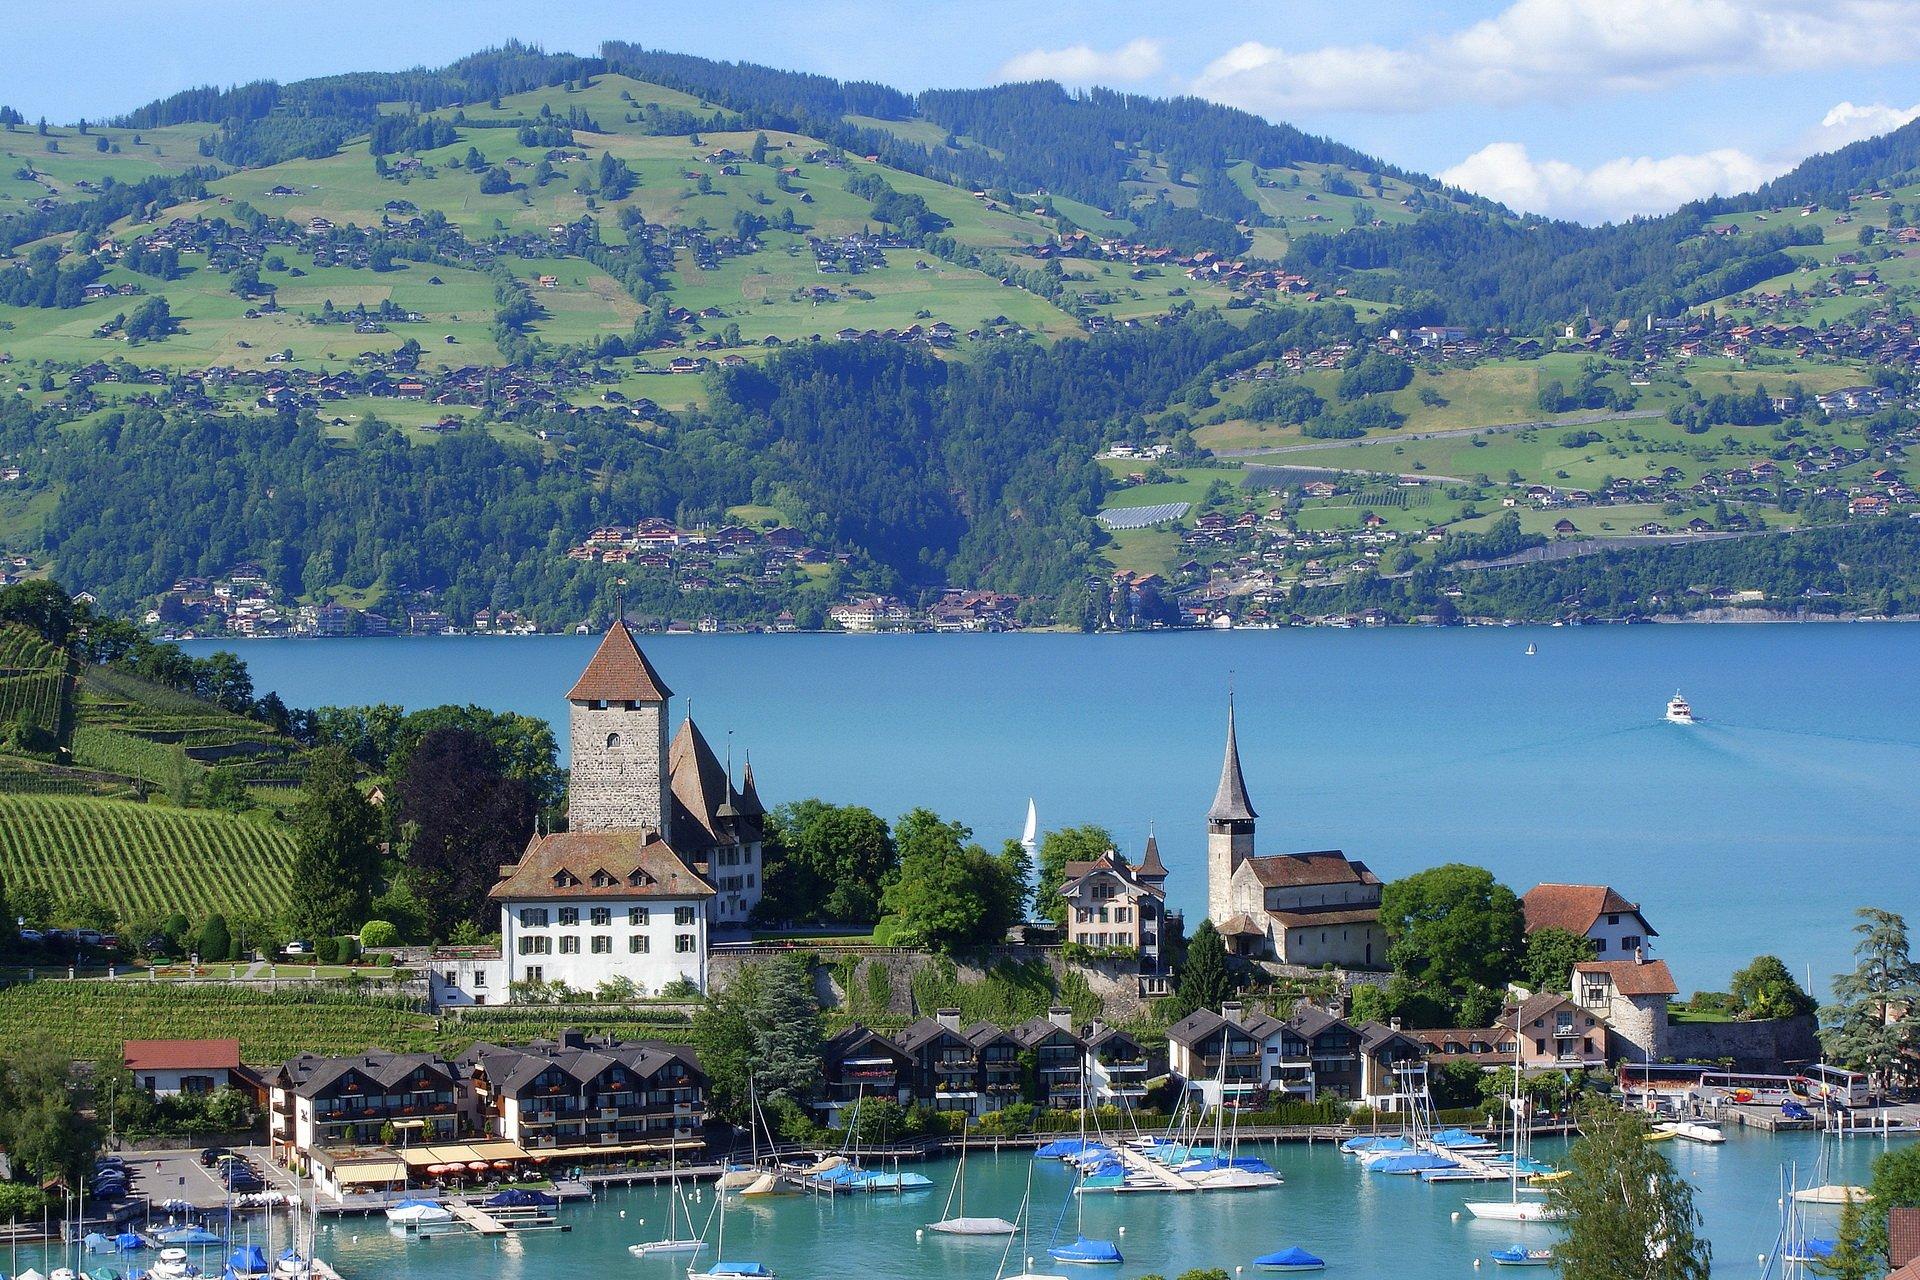 Switzerland Interlaken HD Wallpaper Background Image 1920x1280 1920x1280